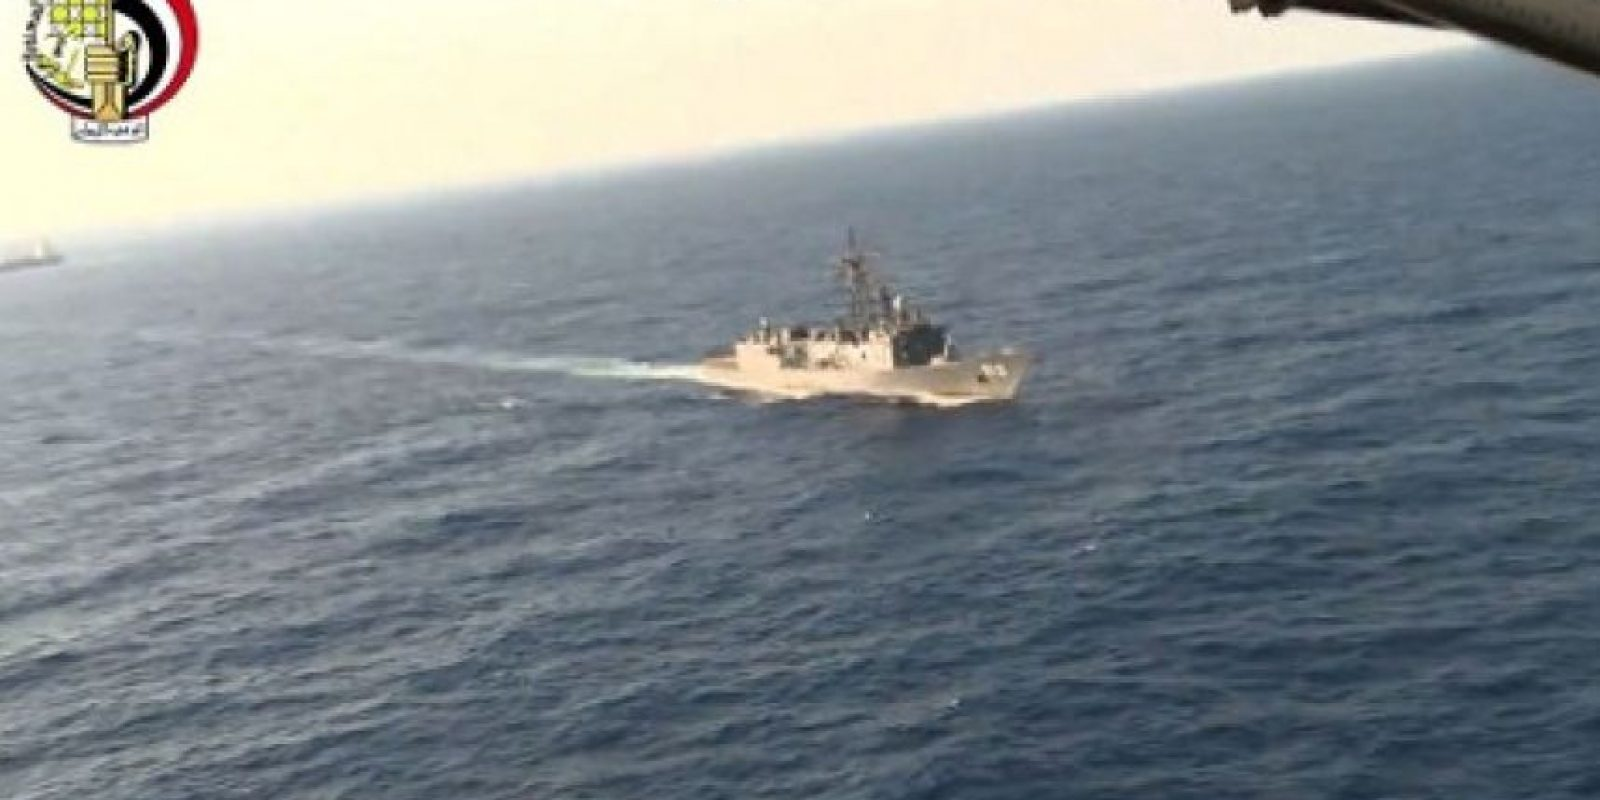 Autoridades continúan buscando restos del avión. Foto:AFP